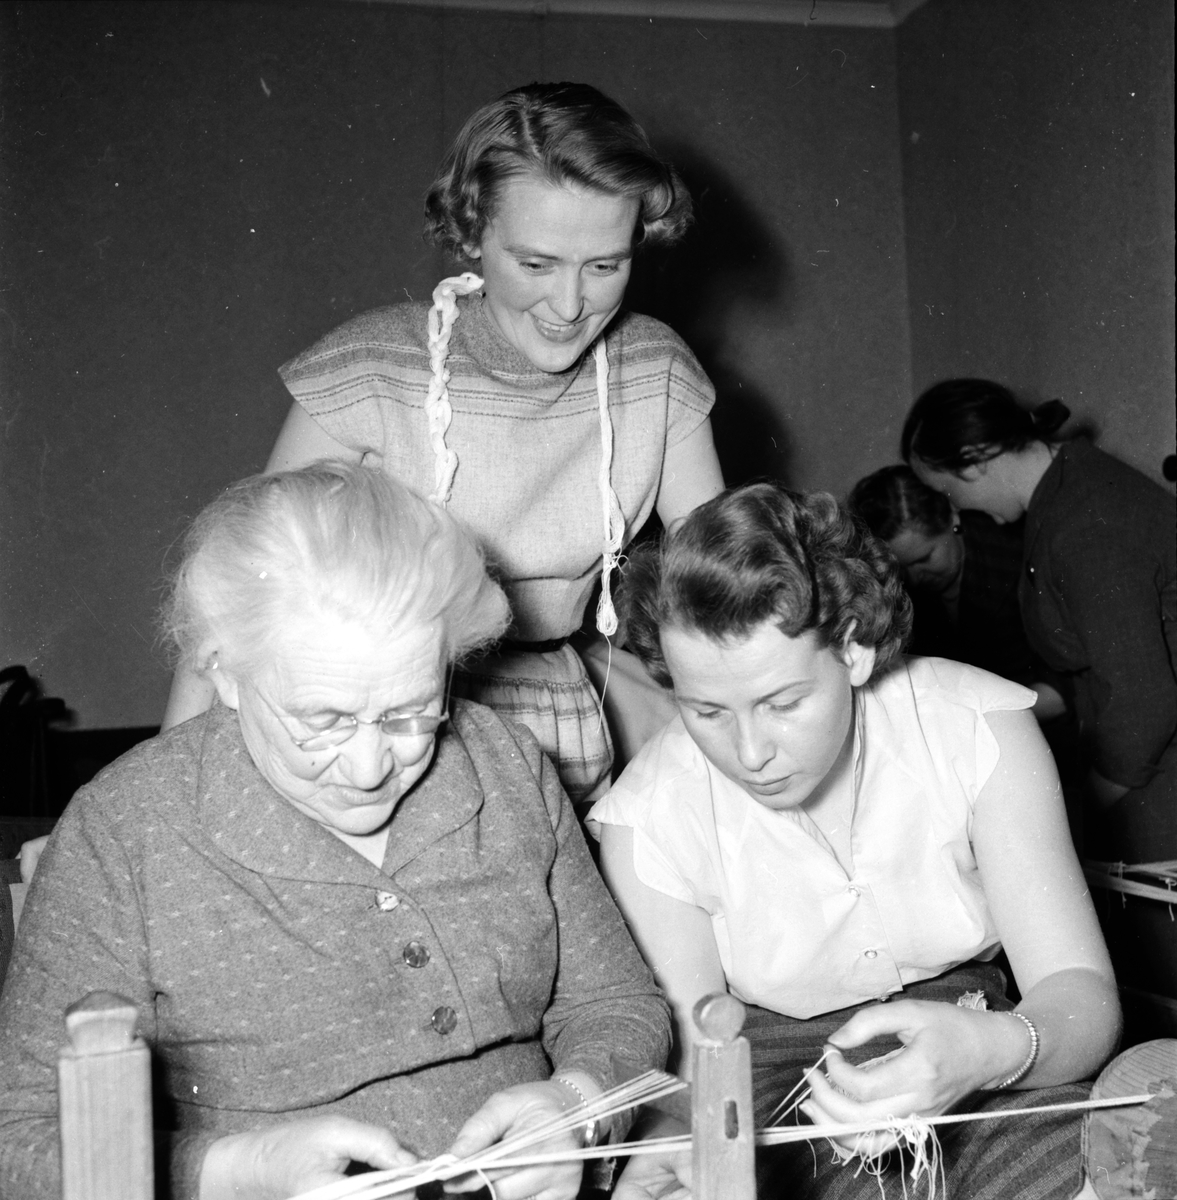 Bollnäs, Bandvävnad, Kursen börjar, Hemslöjden, 12 april 1956